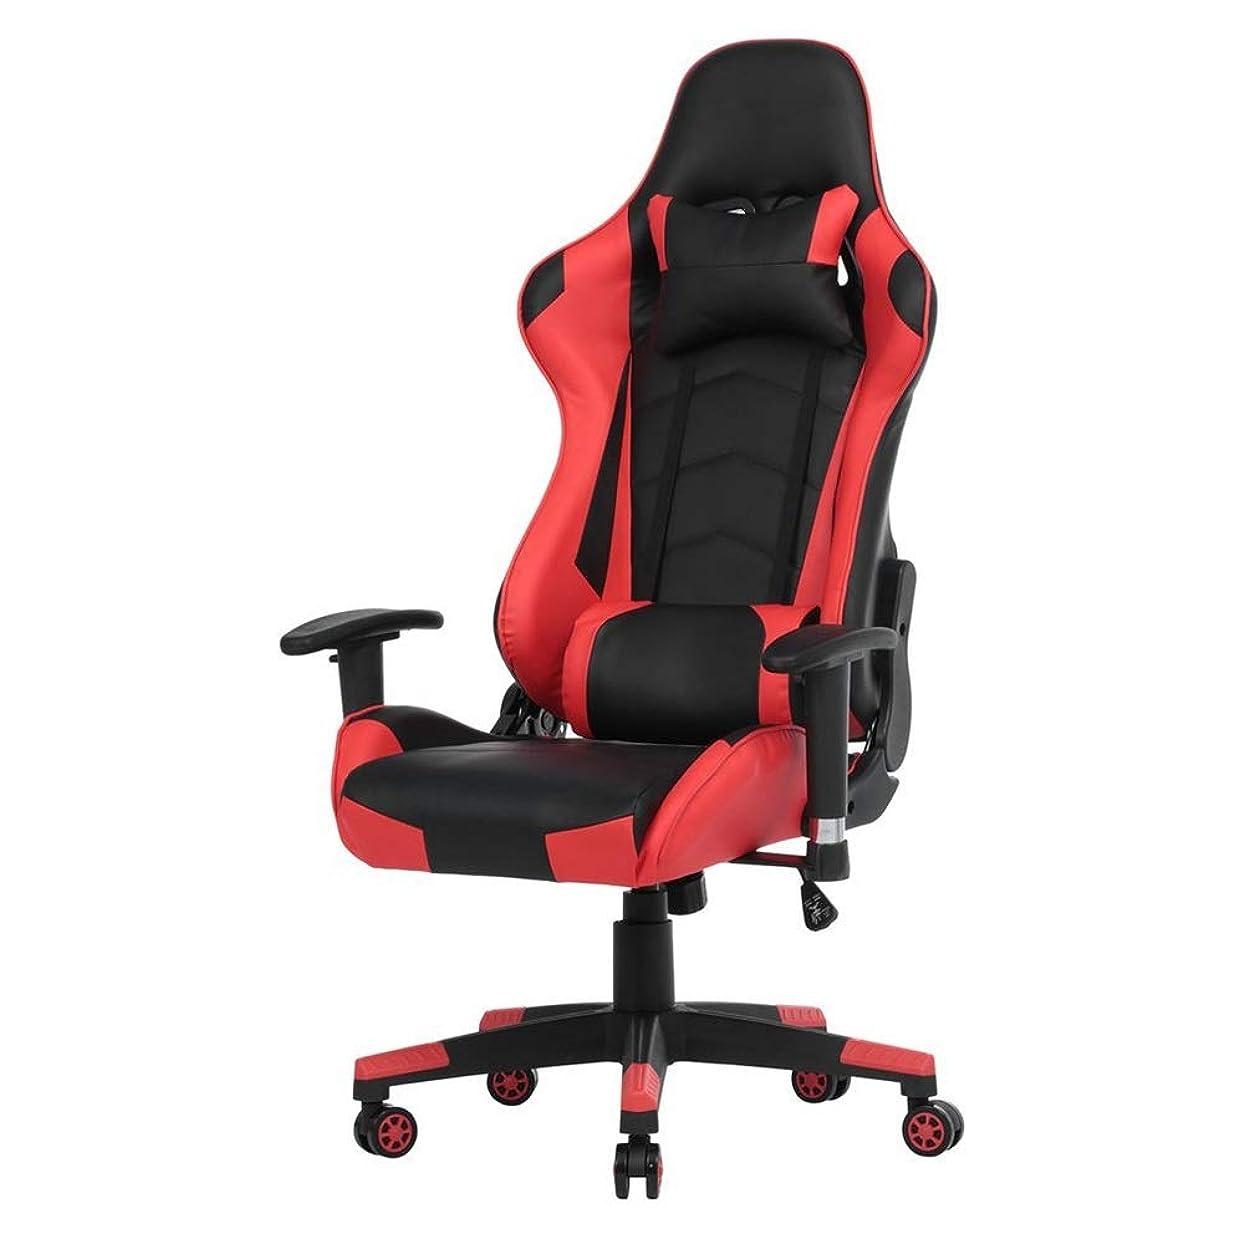 タイムリーなく家畜ゲームチェア ゲームコンピュータチェアオフィスチェアインターネットカフェアスリートLOLレーシングチェアアンカー座席ゲームゲームチェア高品質 仕事やゲームに最適 (Color : Red, Size : As picture)